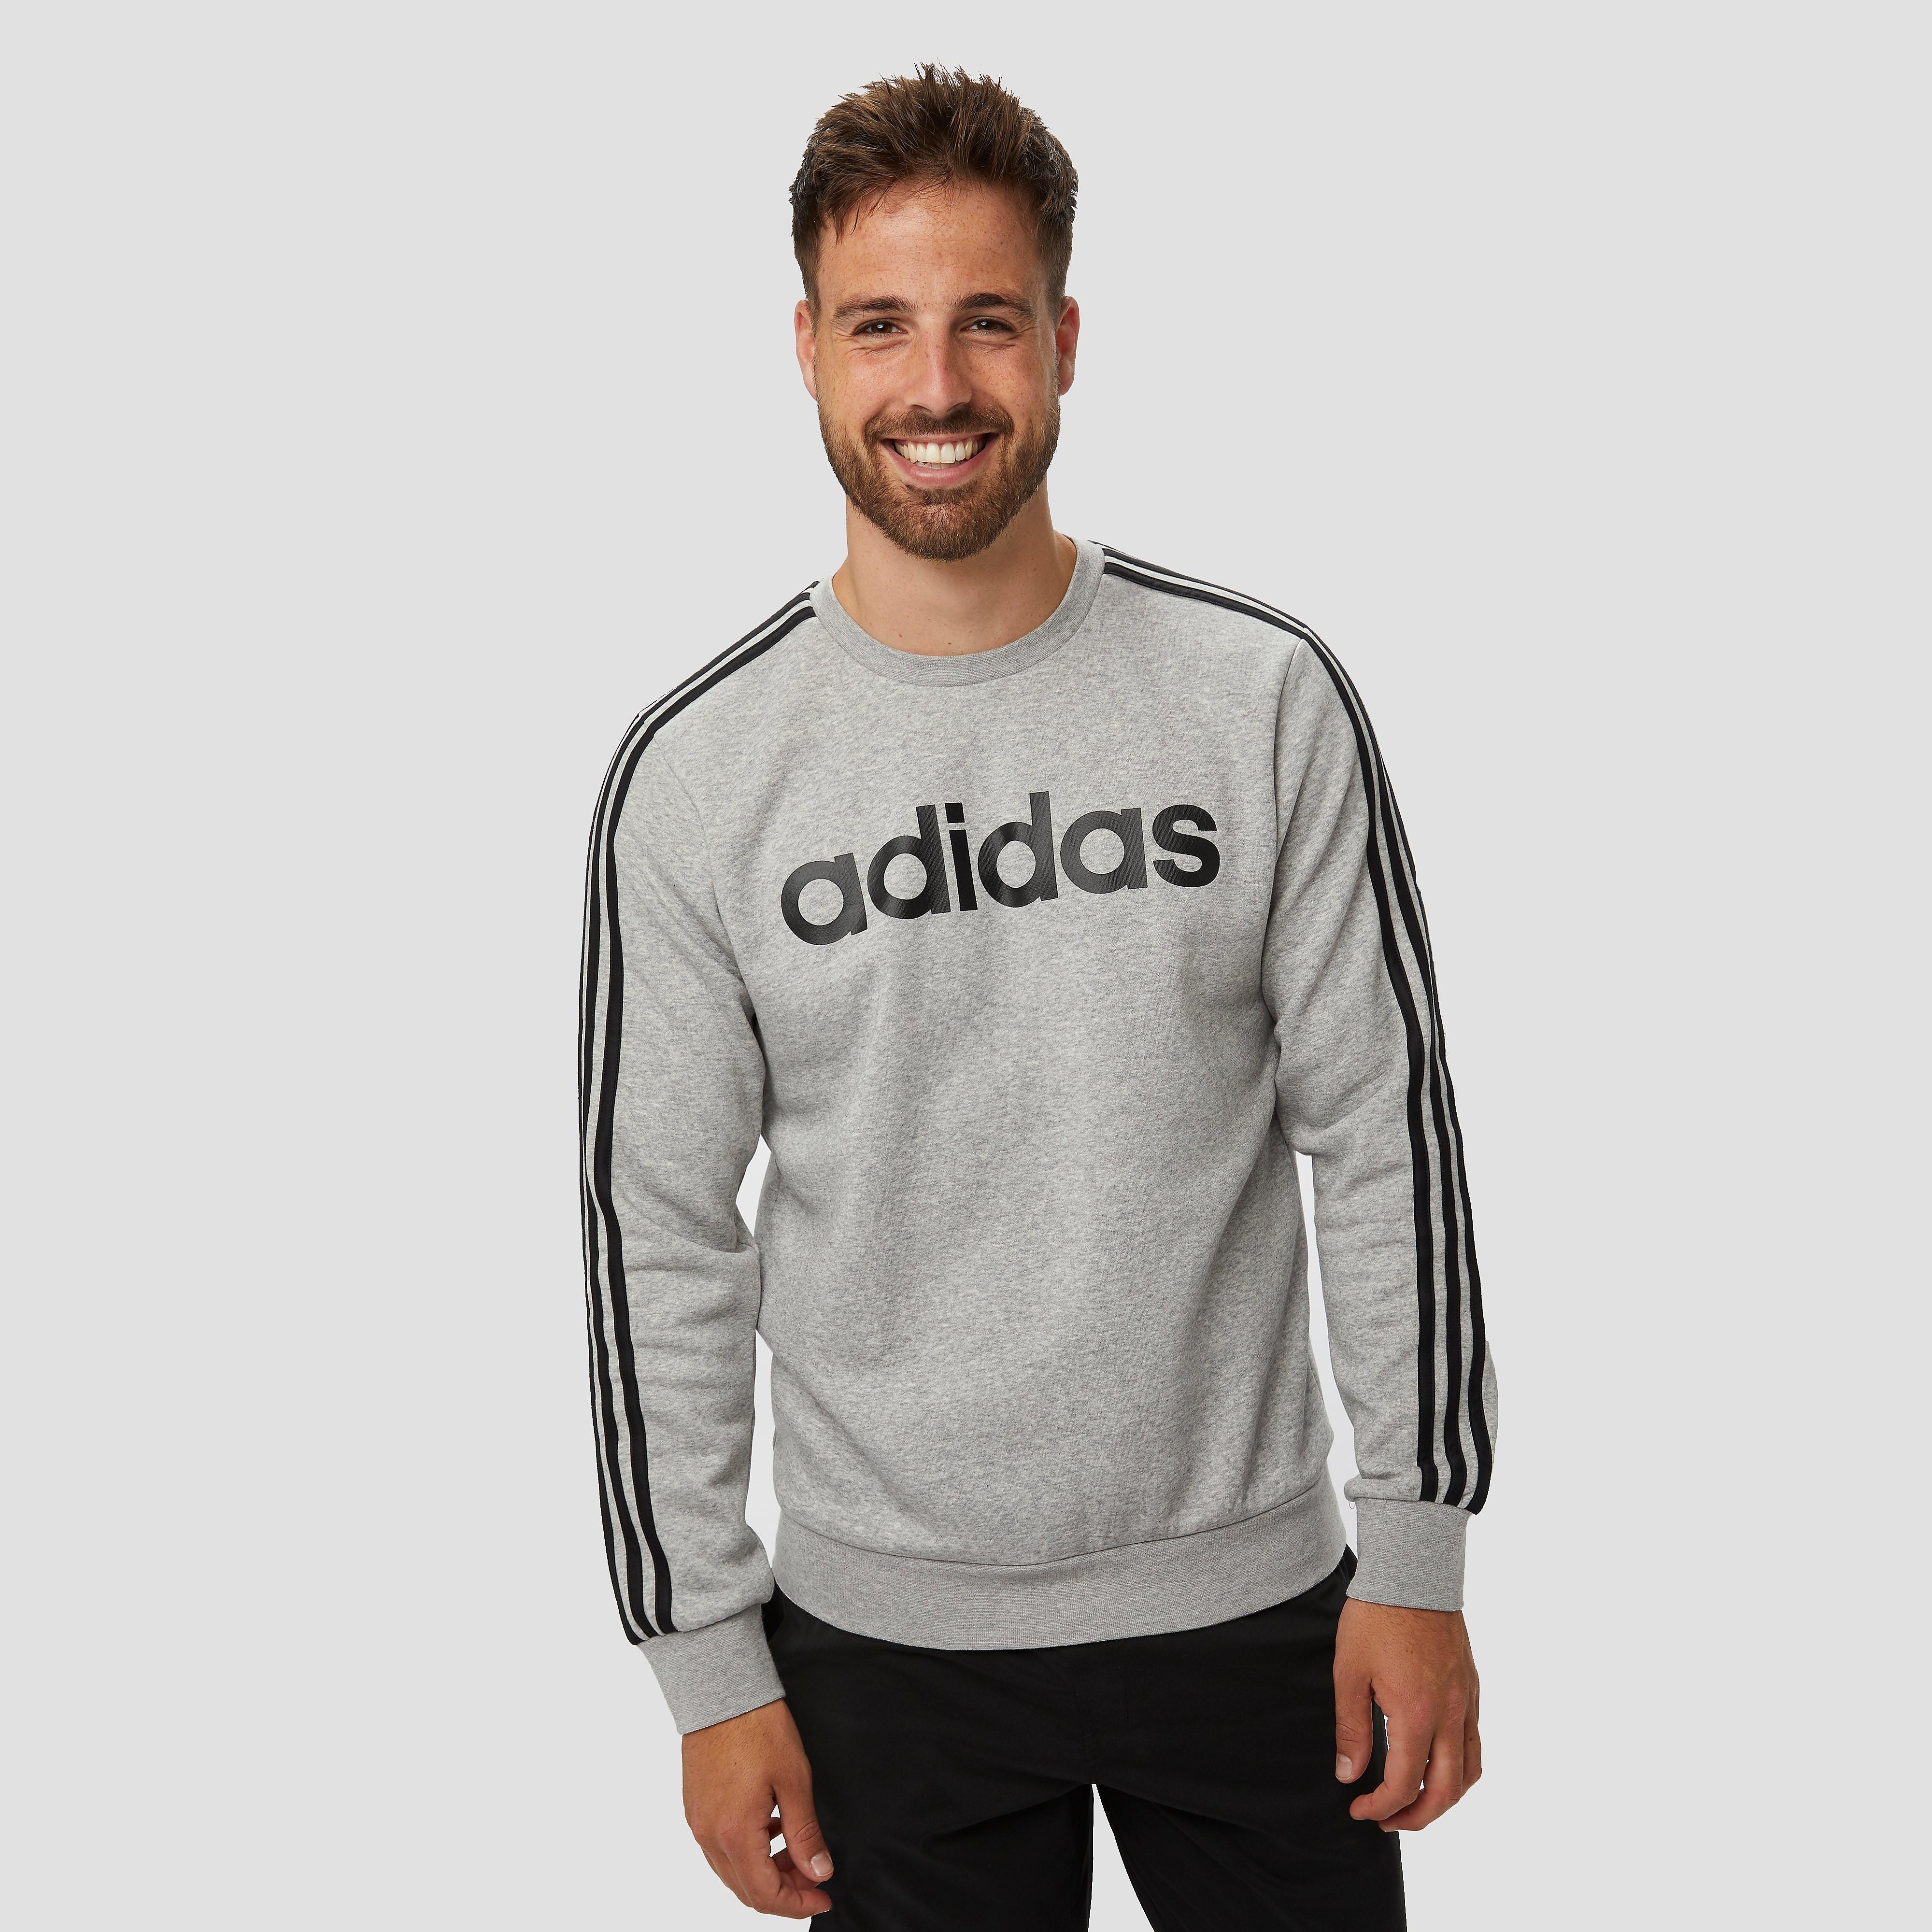 adidas Essentials 3-stripes crew fleece sweater grijs heren Heren thumbnail